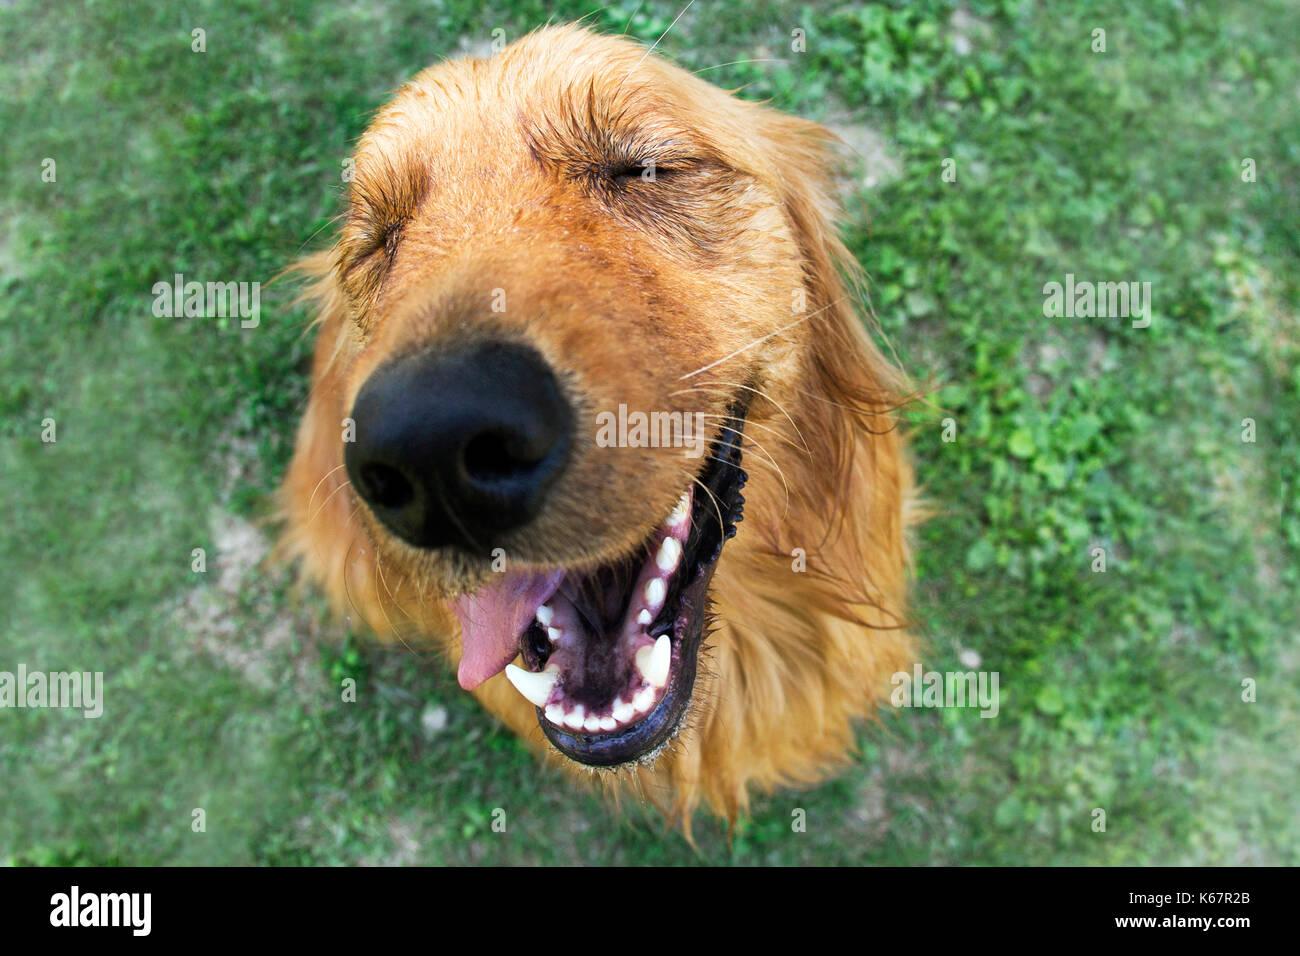 Bardzo dobry walk with dog 032 Stock Photo: 158753011 - Alamy EV64